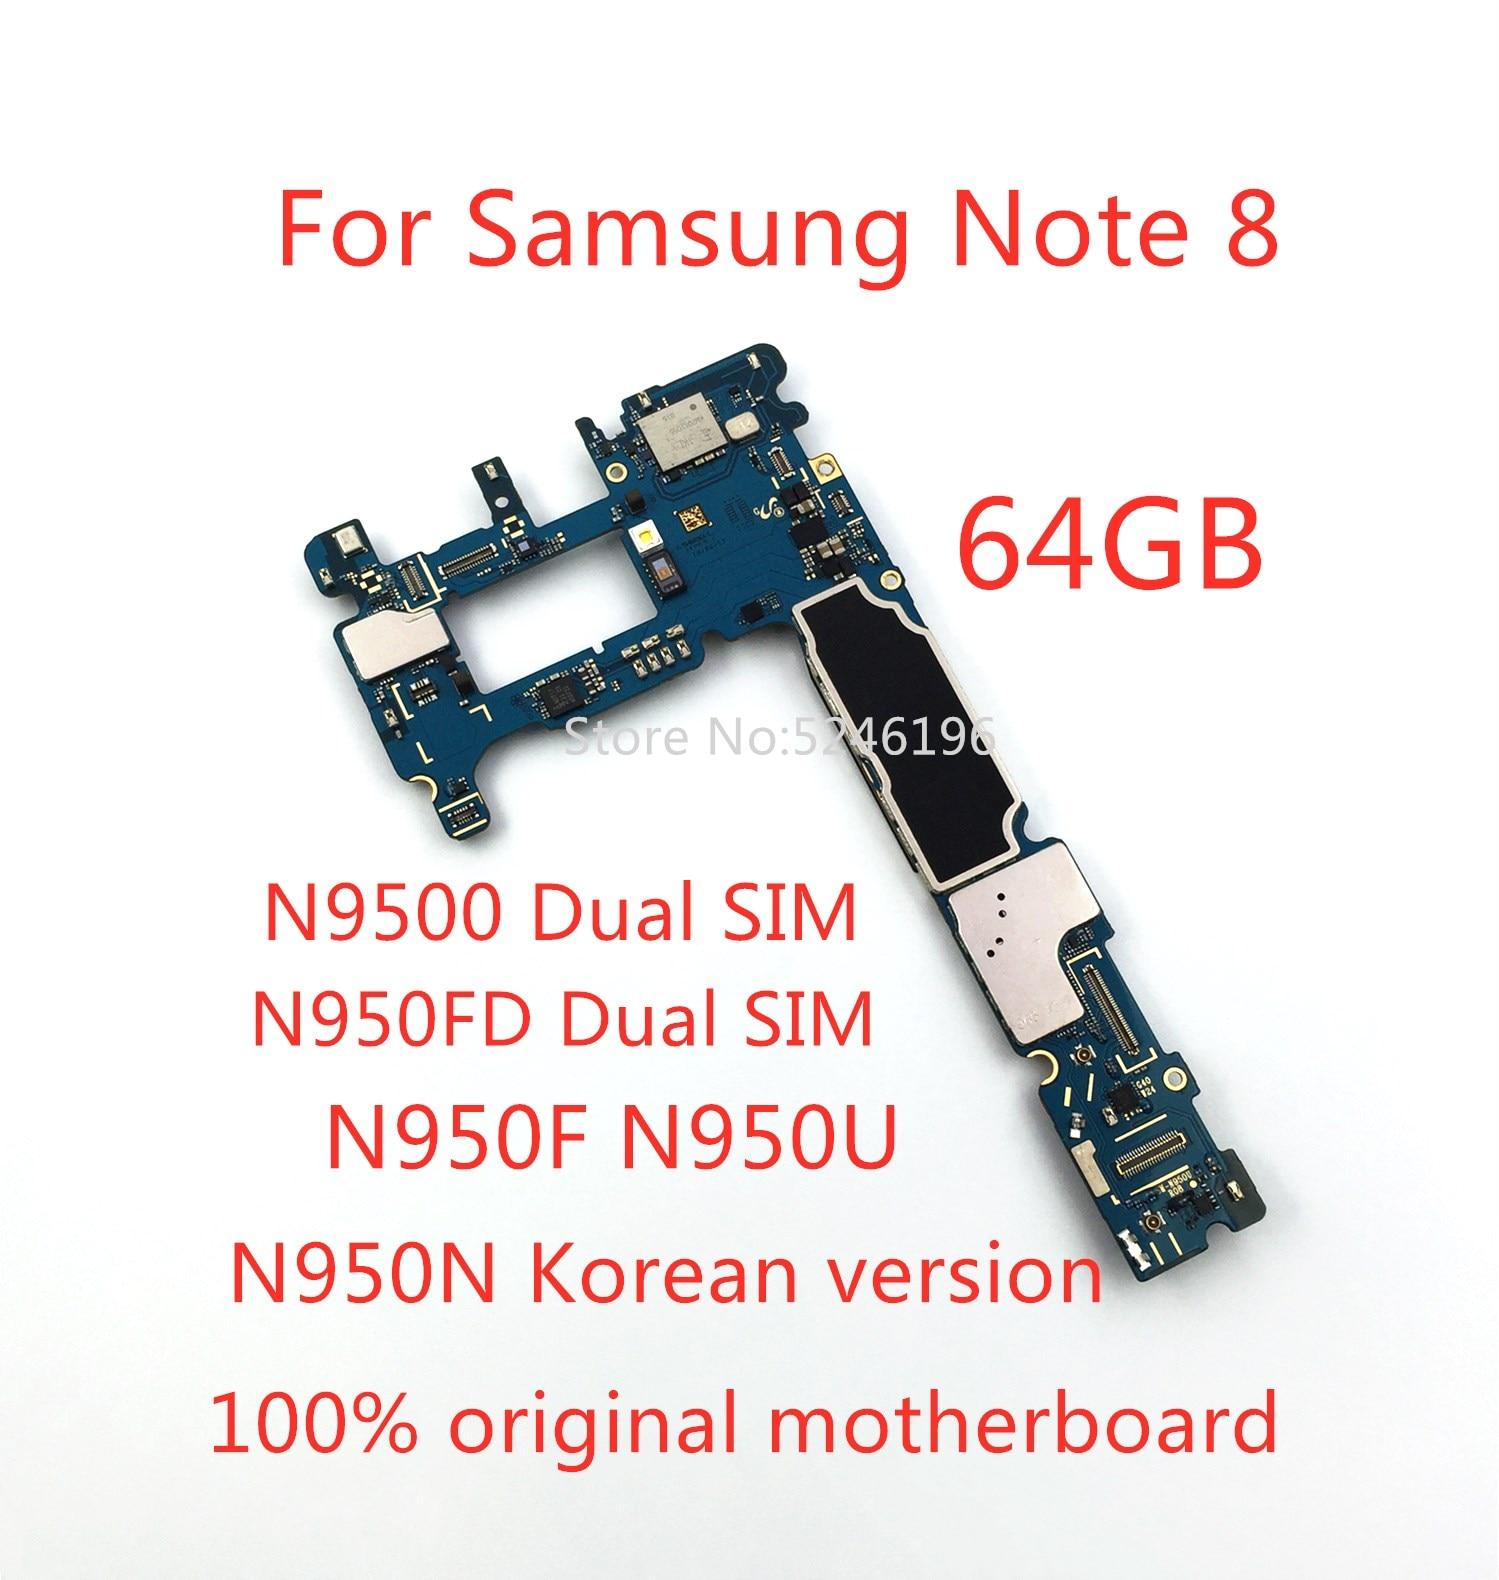 1 قطعة تنطبق على سامسونج غالاكسي نوت 8 نوت 8 N9500 N950FD N950F N950U N950N 64 جيجابايت الأصلي مقفلة اللوحة استبدال